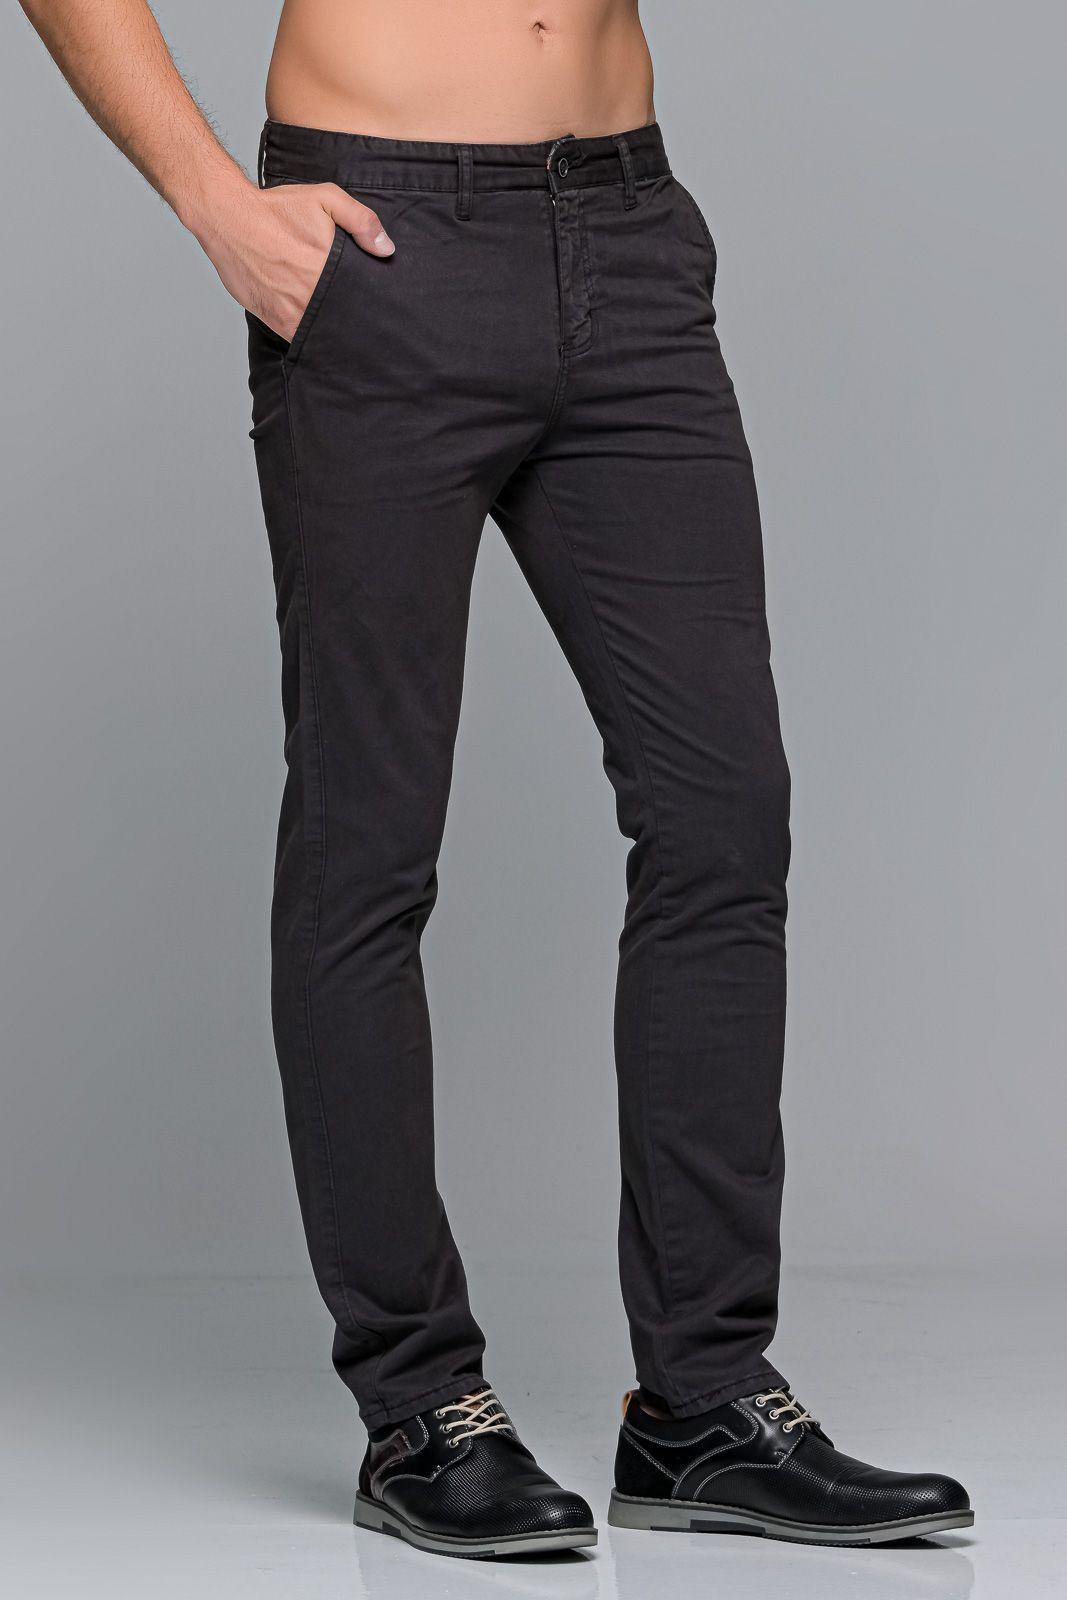 Γκρι ανθρακι ανδρικό παντελόνι chino υφασμάτινο MASSARO - Slim fit